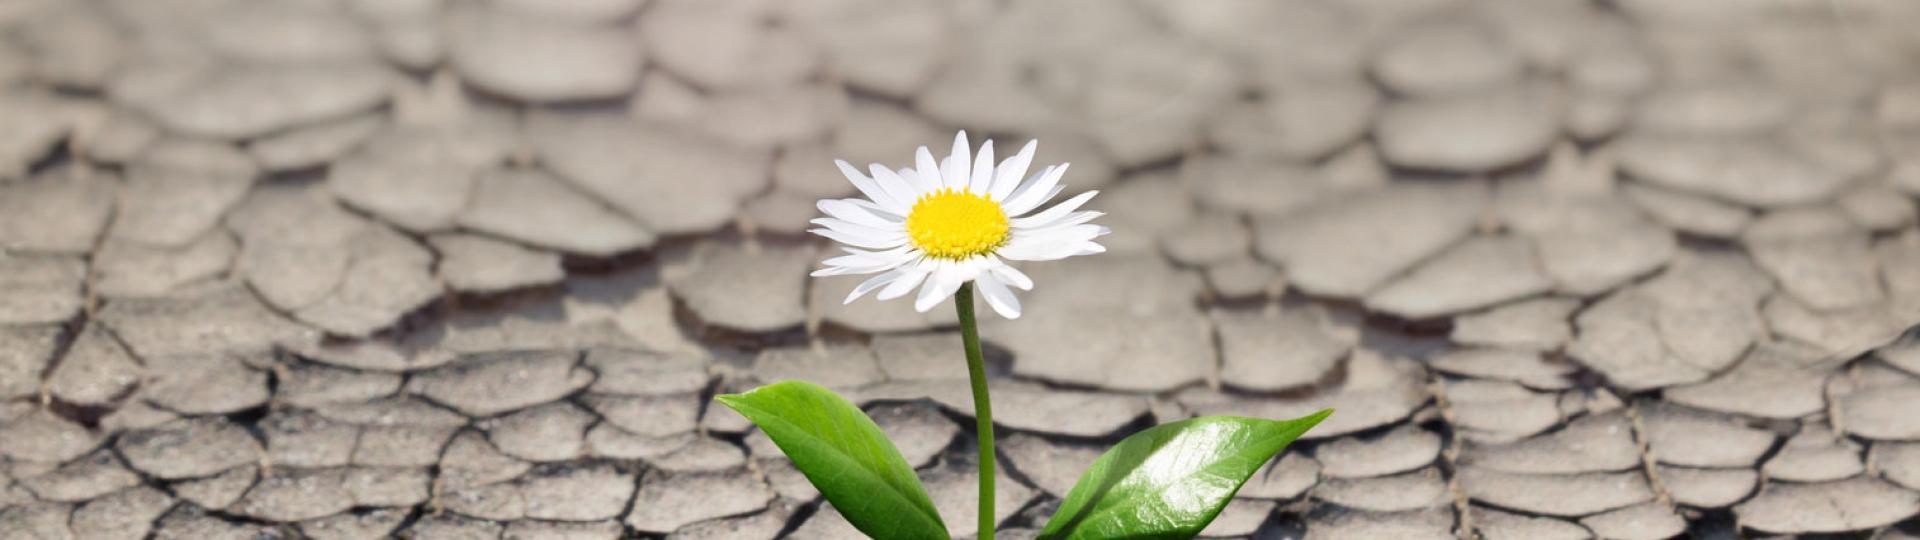 O assunto do dia 22 de abril de 2020: Preço do diesel, uma flor em meio ao lamaçal